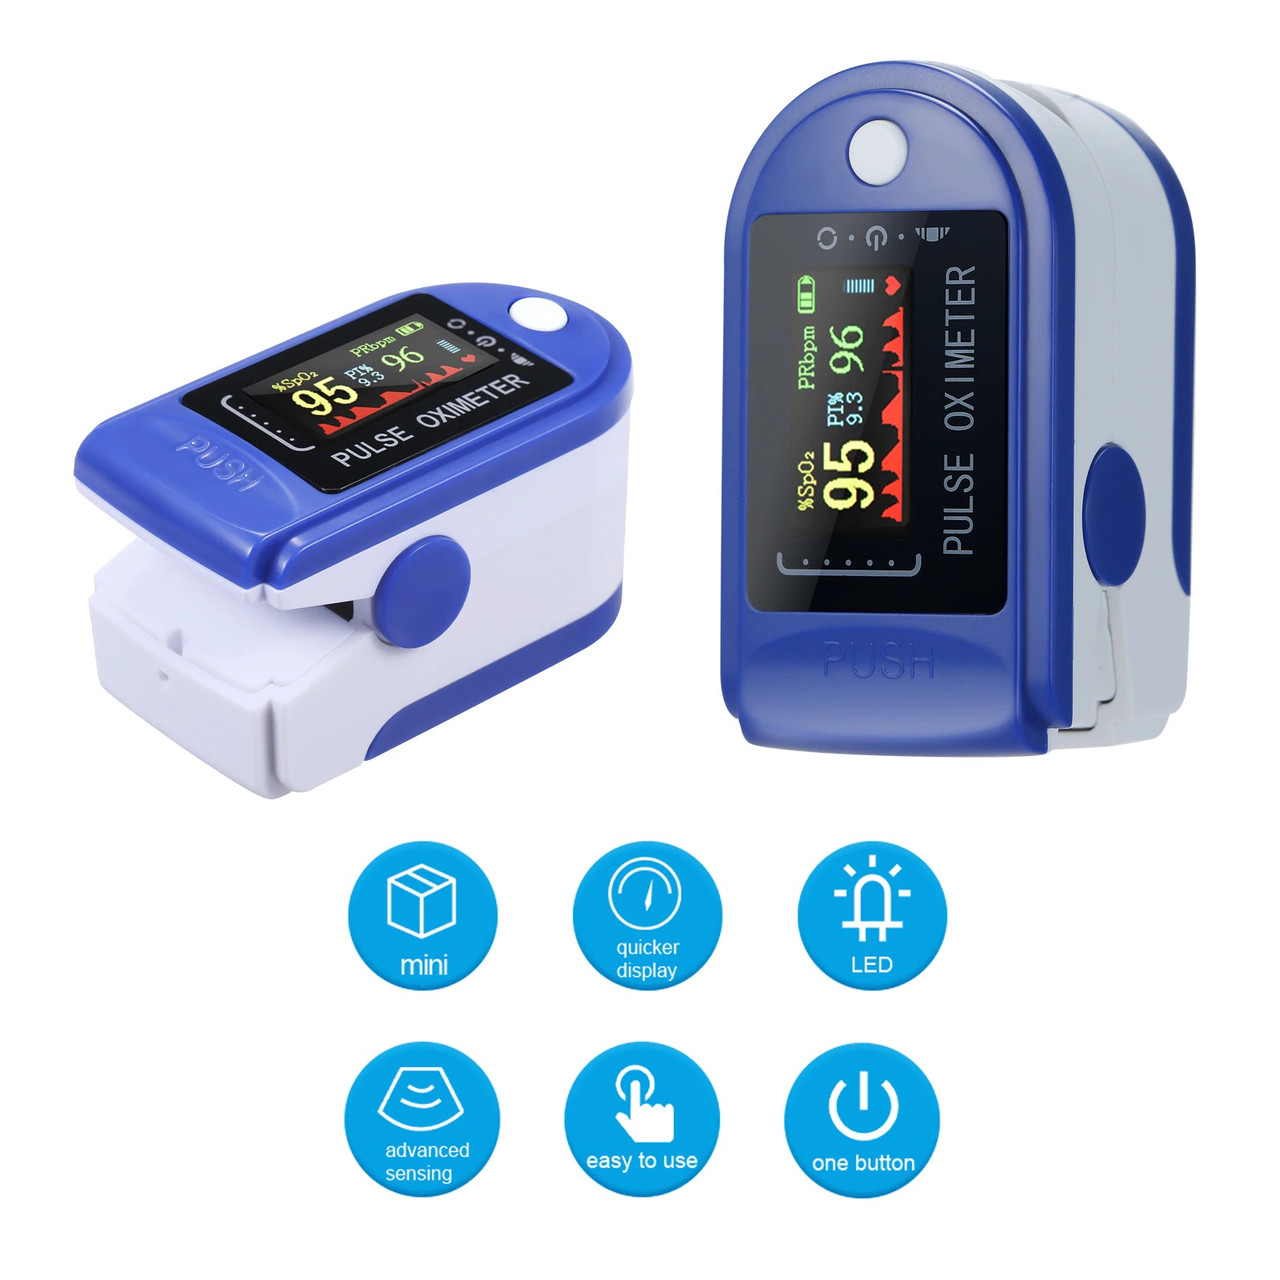 Пульсоксиметр цветной OLED дисплей, пульсовая волна, индекс перфузии (аналог CMS 50D)